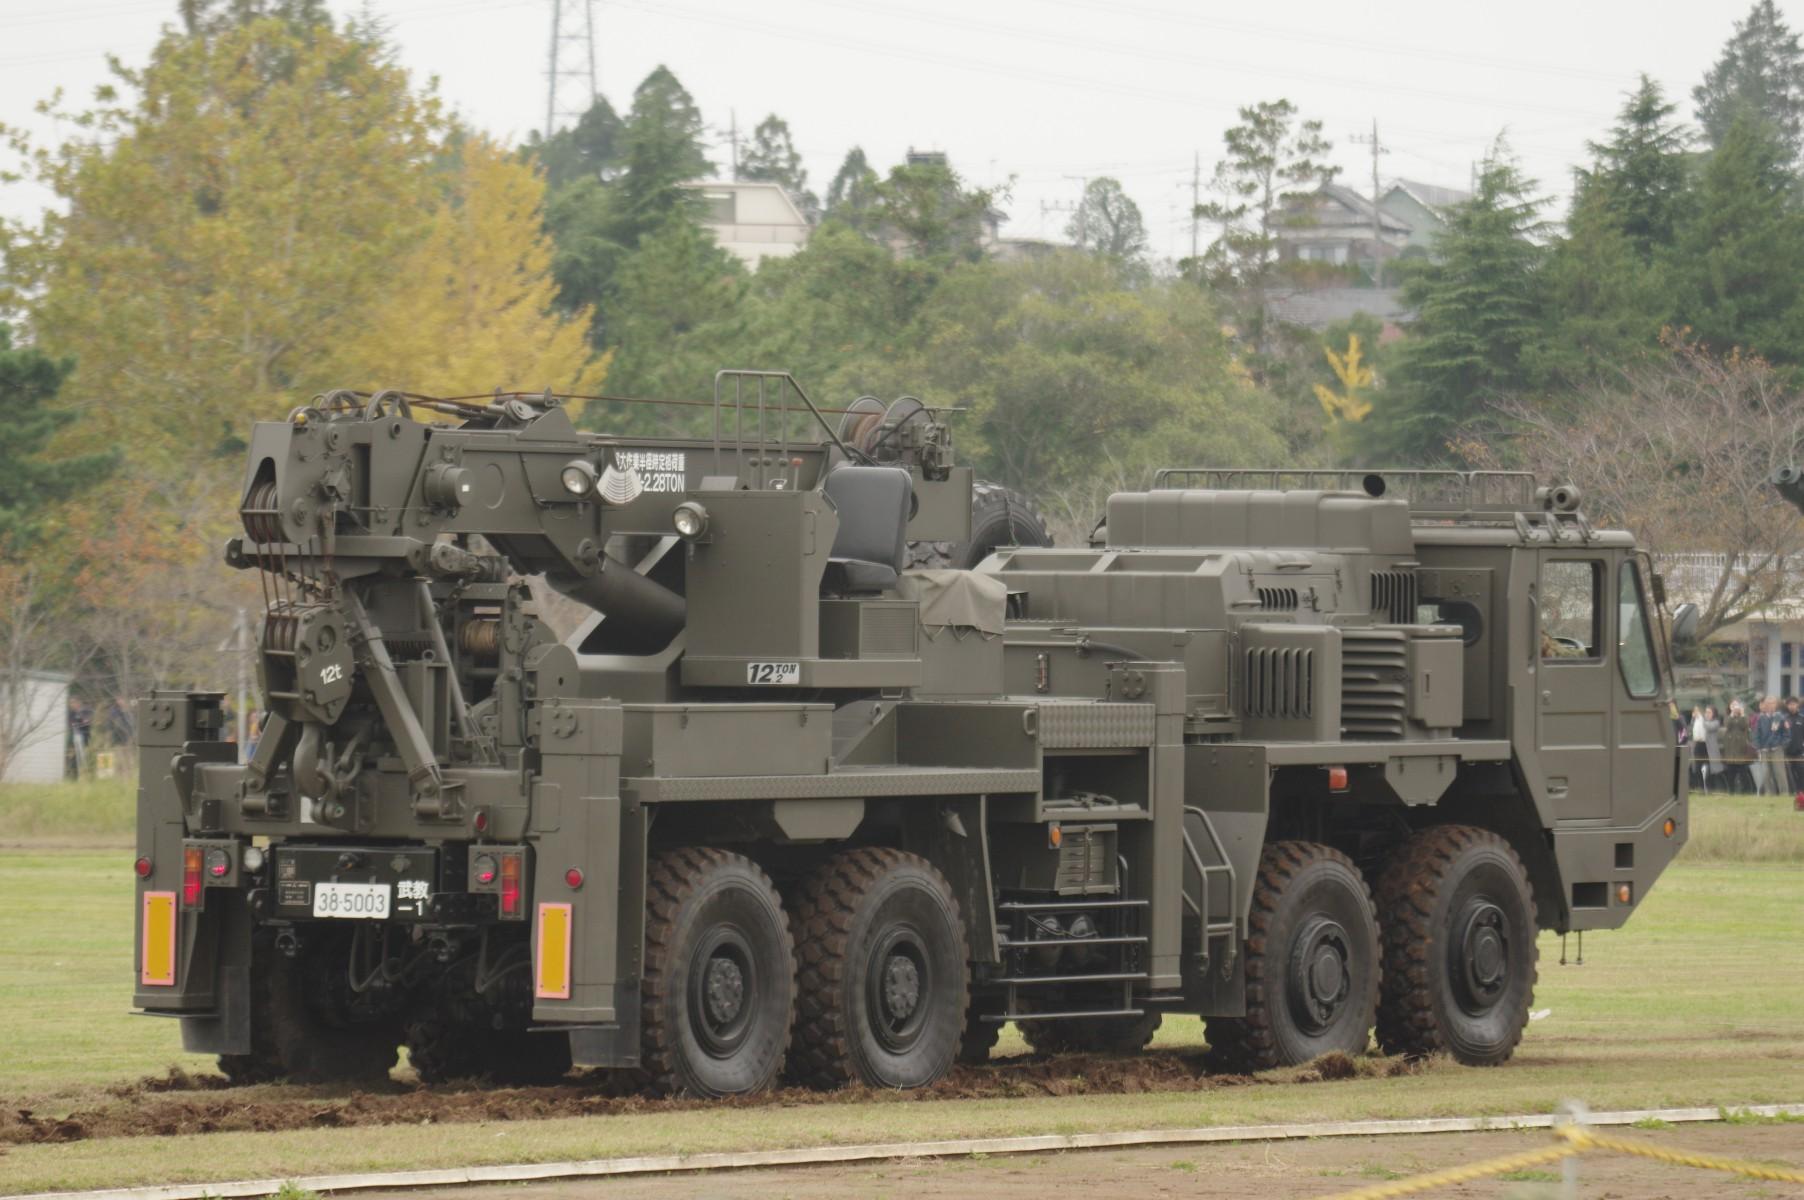 重装輪回収車|装甲車整備・後方支援|陸上自衛隊装備品|陸自調査団